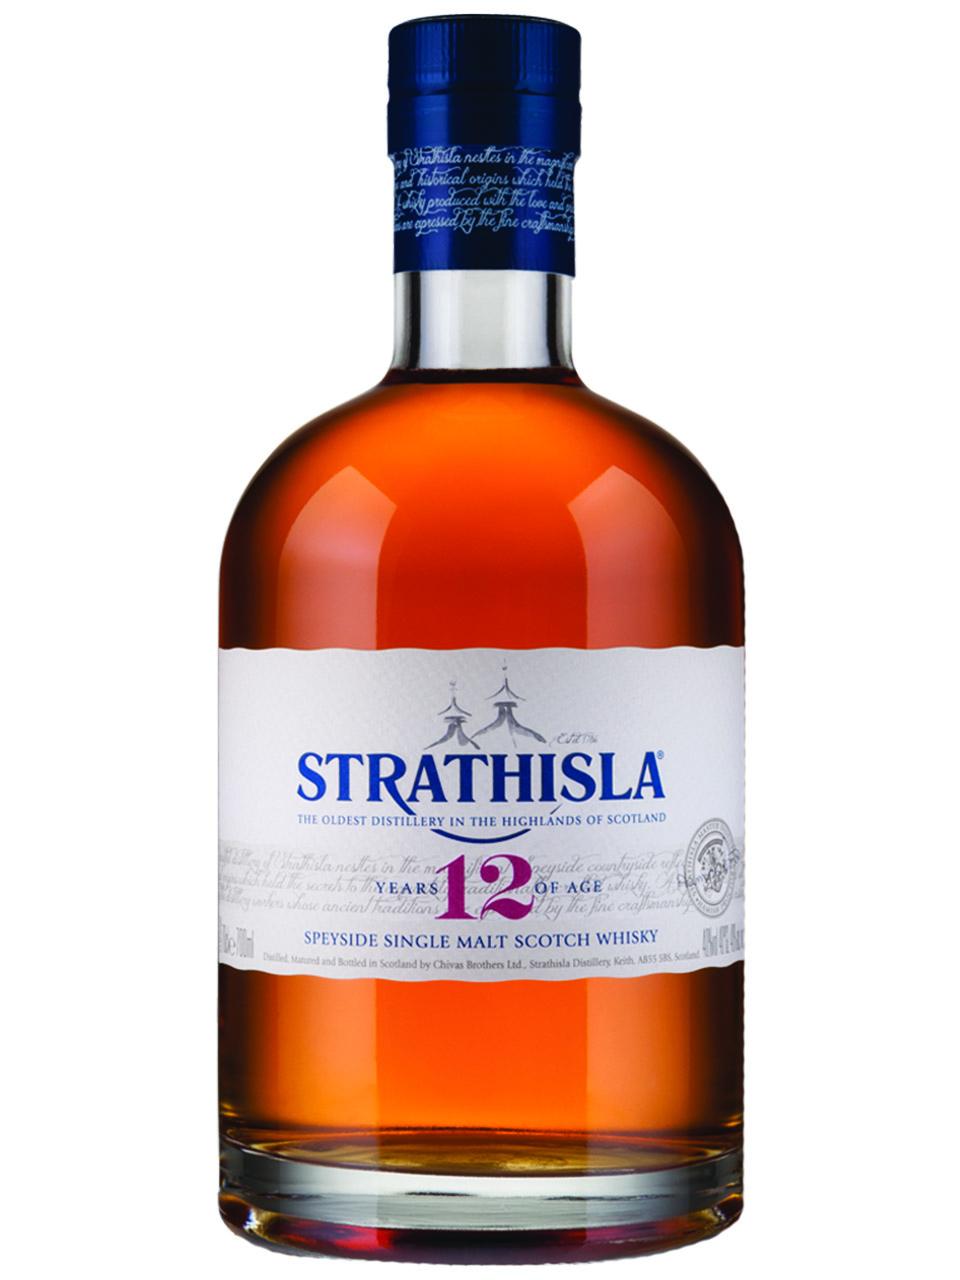 Strathisla 12 YO Single Malt Scotch Whisky